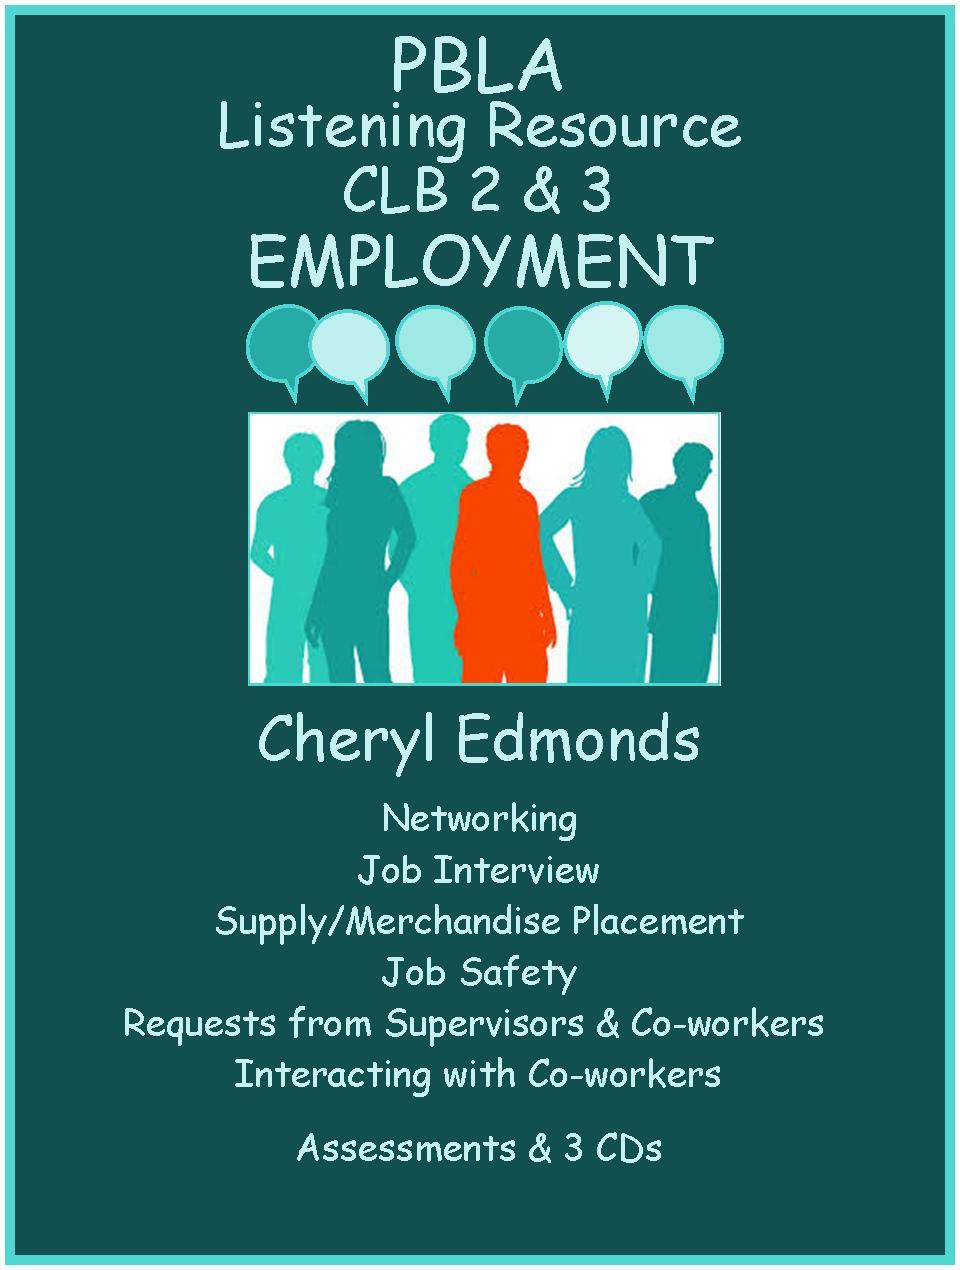 CLB 2 & 3 Listening Resource Employment